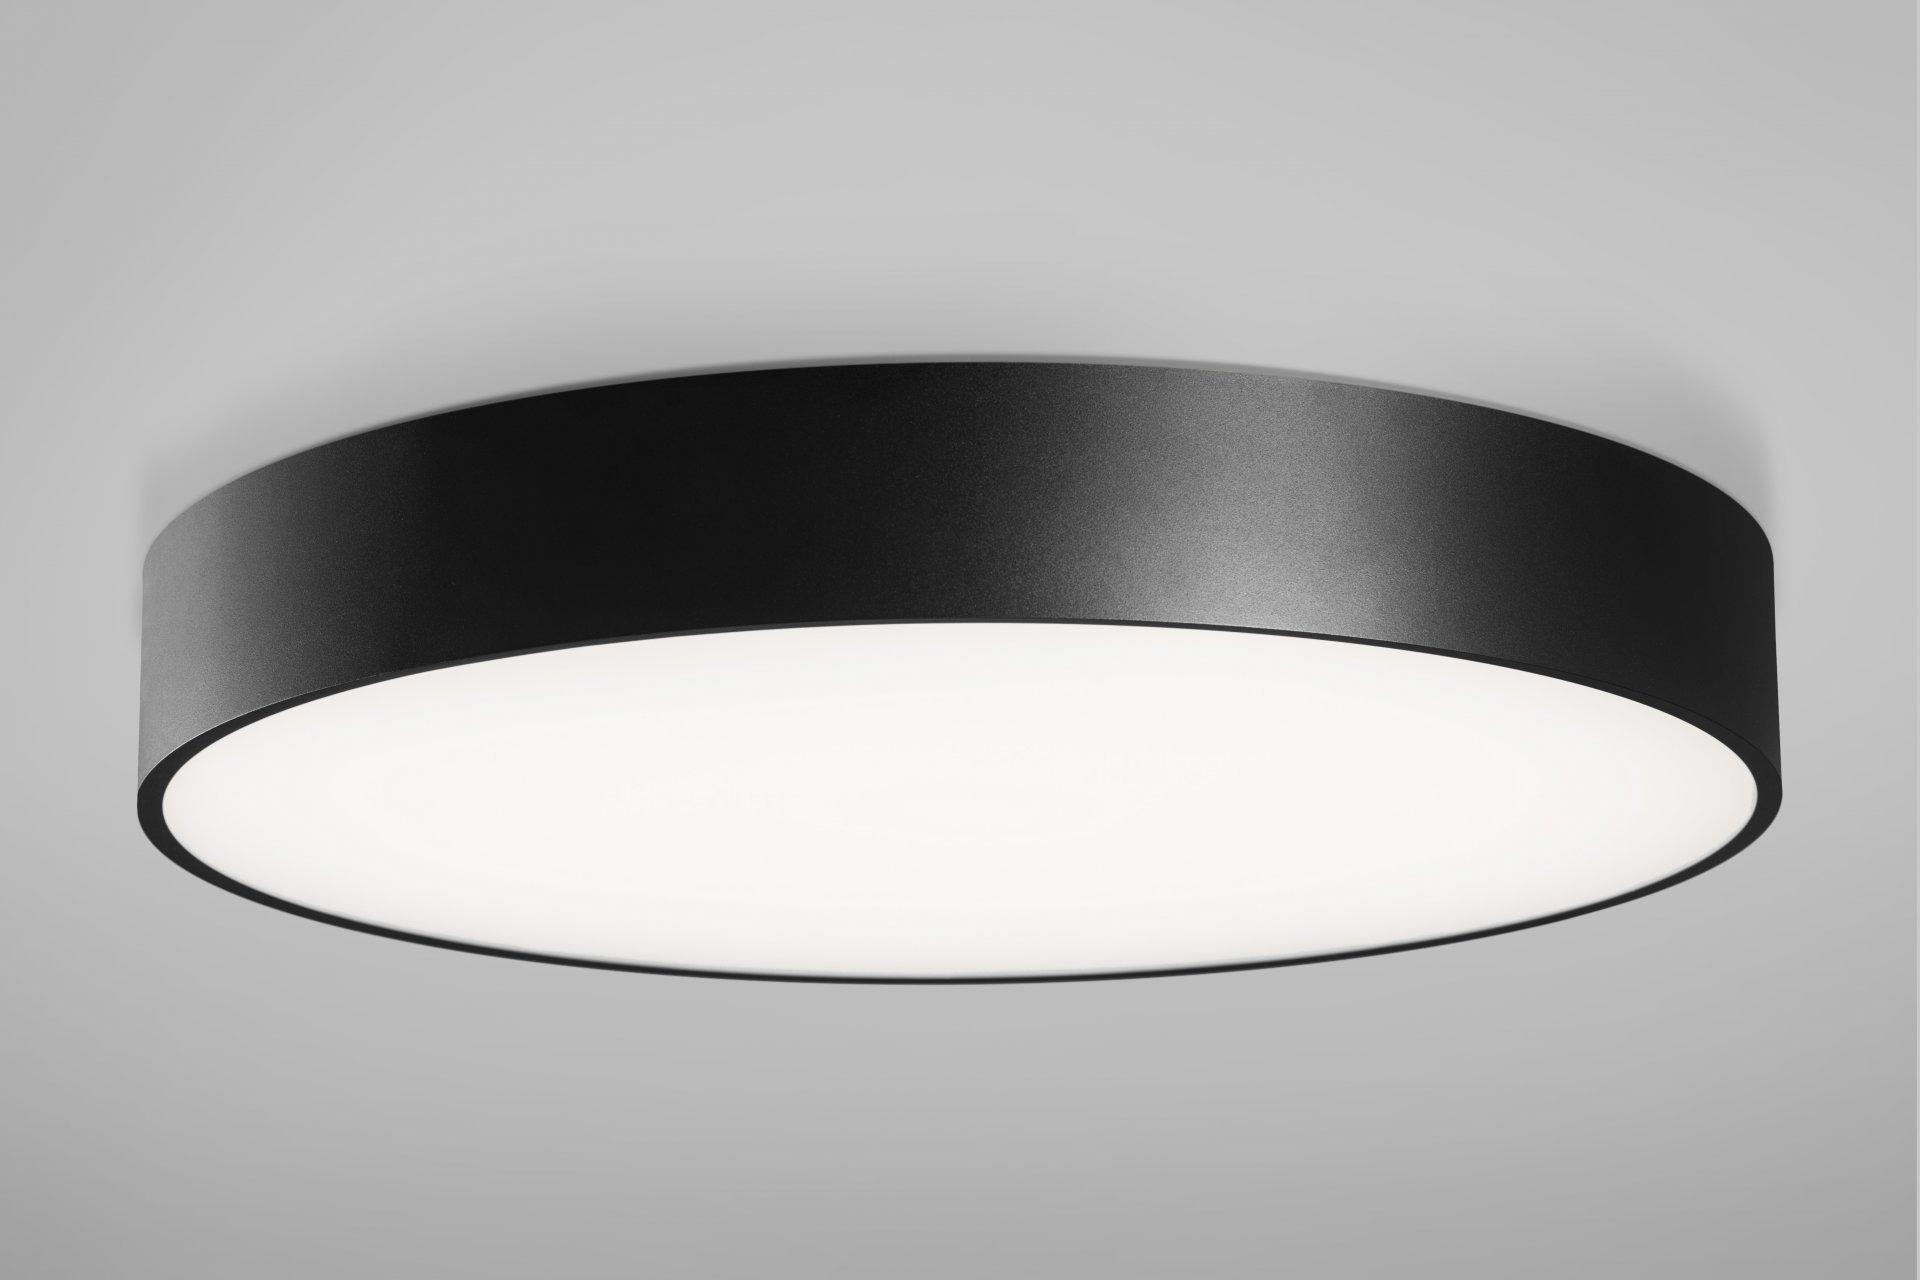 Huge LED 30,4W 4020m 3000K, IP40 ø600x87mm, alla valgusega, alumiinium, must / opaalne hajuti